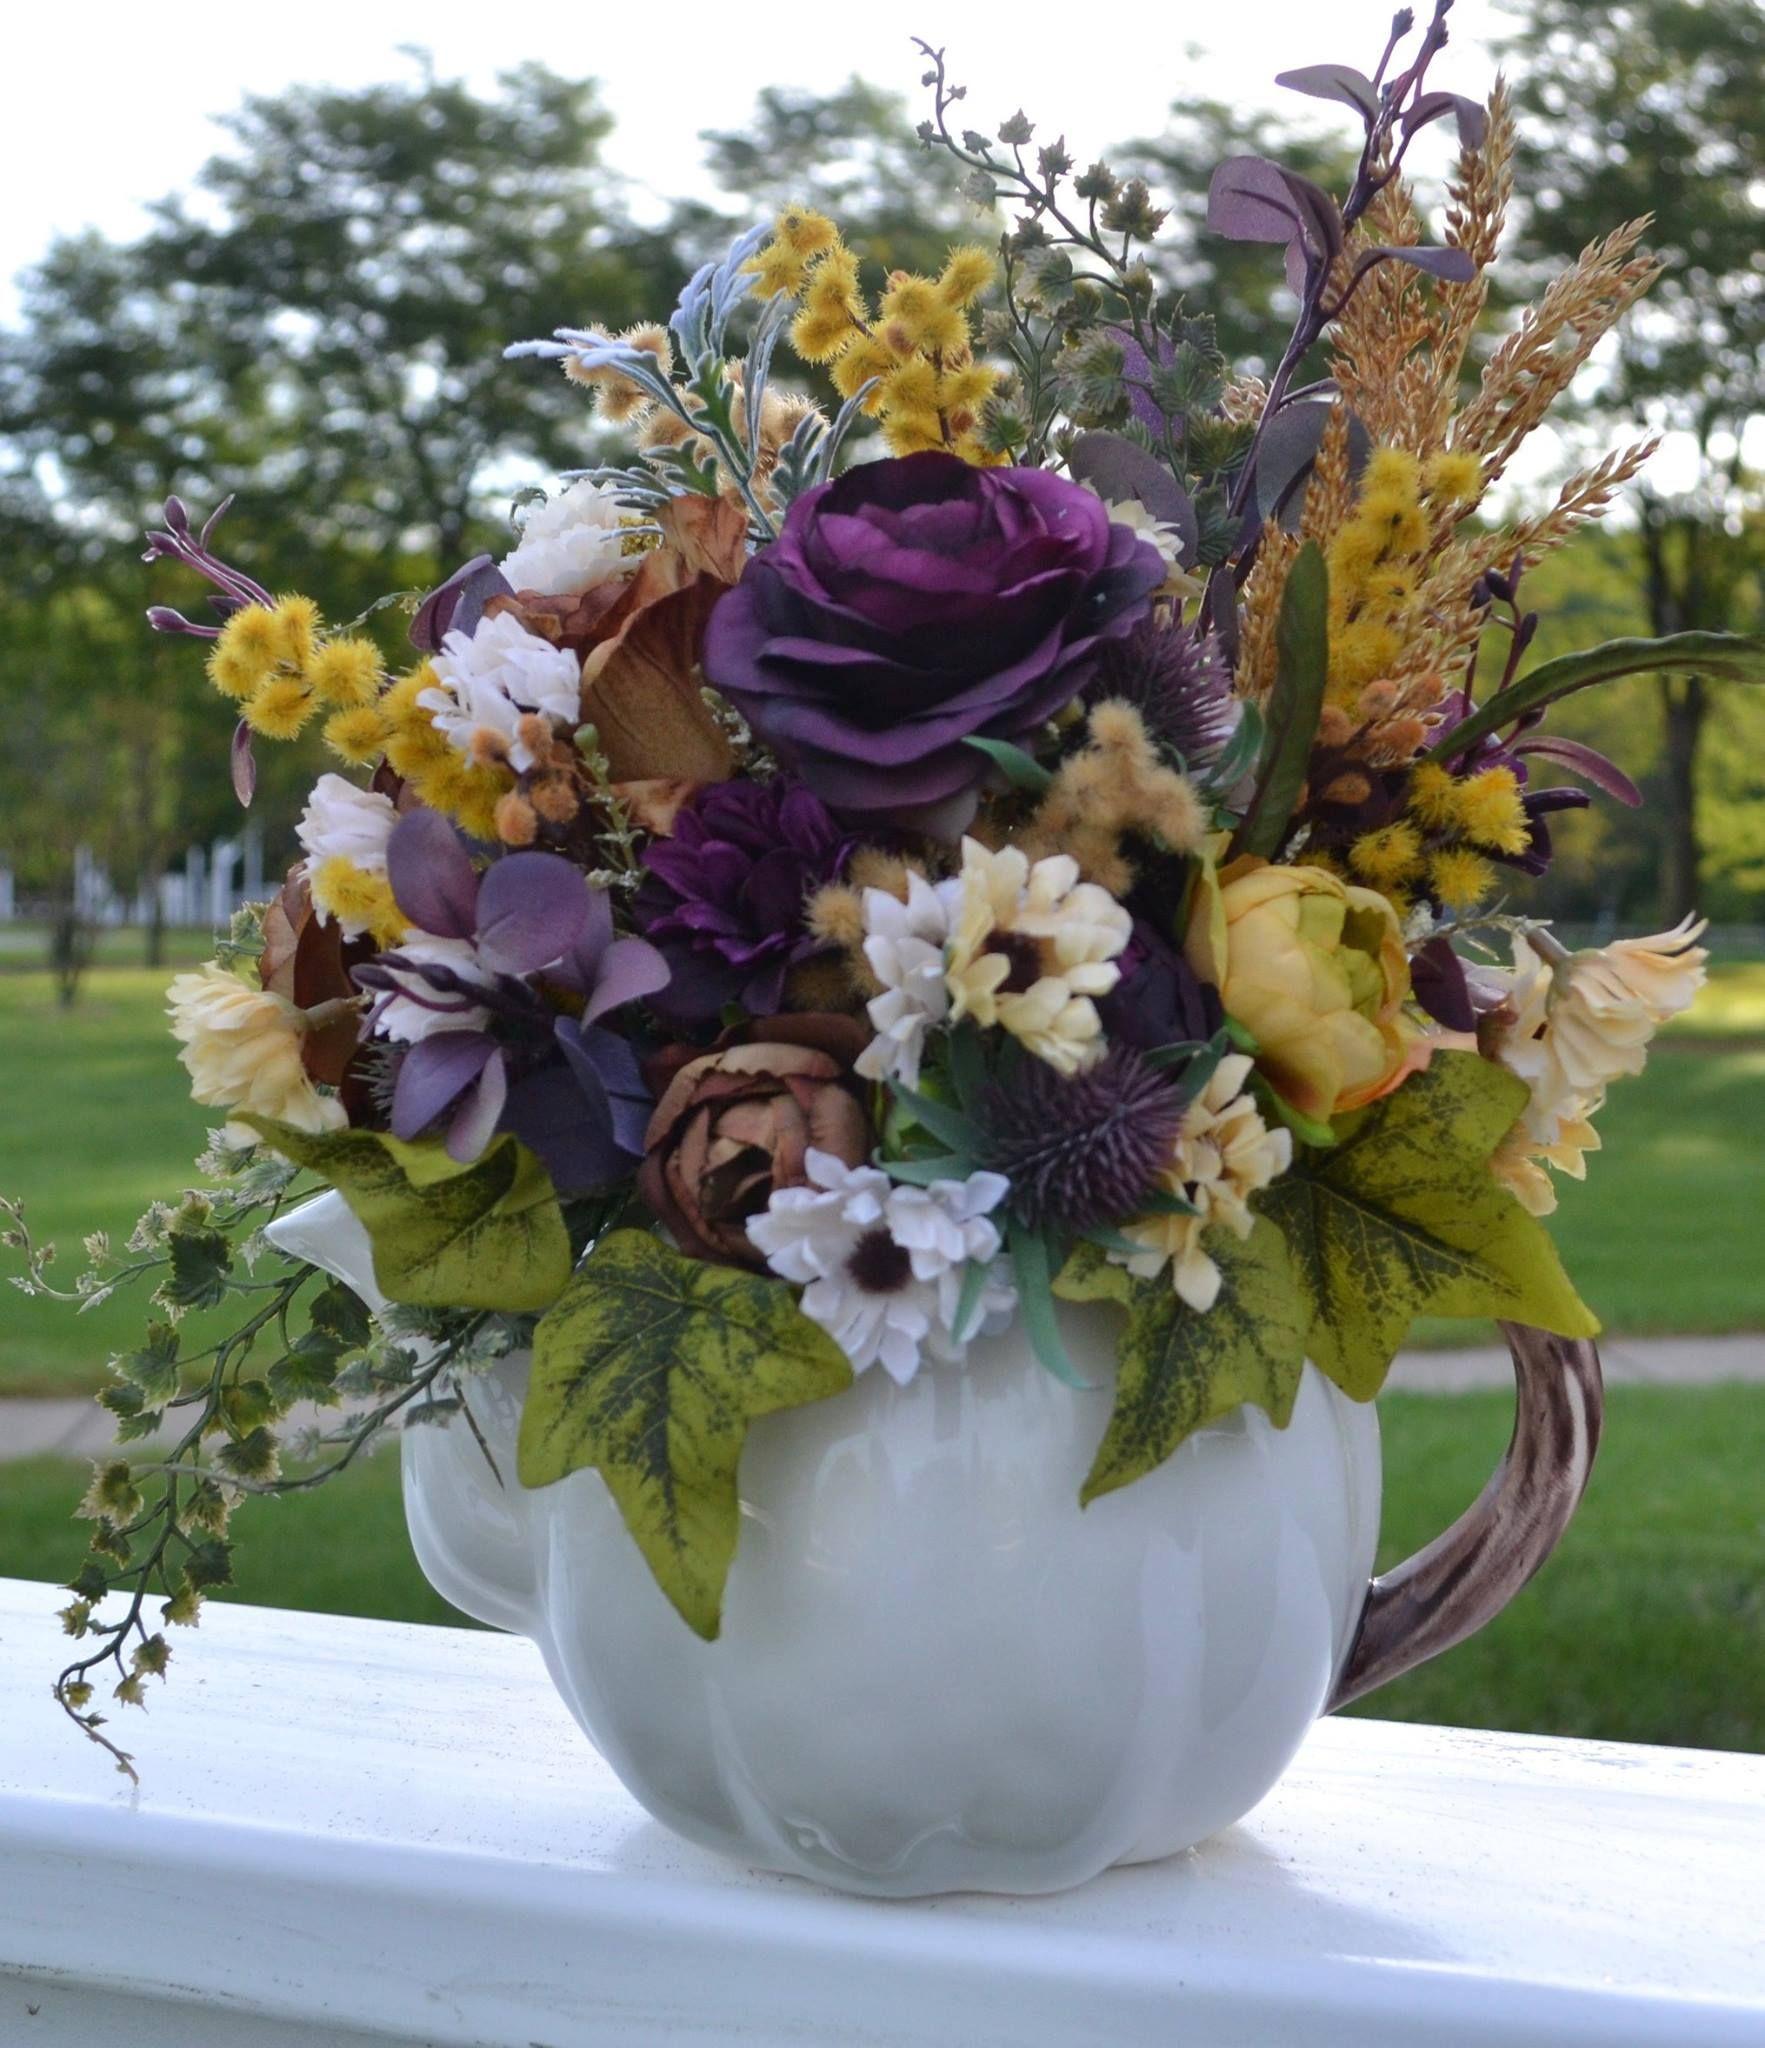 Fall Flower Arrangement In White Ceramic Pumpkin Chicago Silk